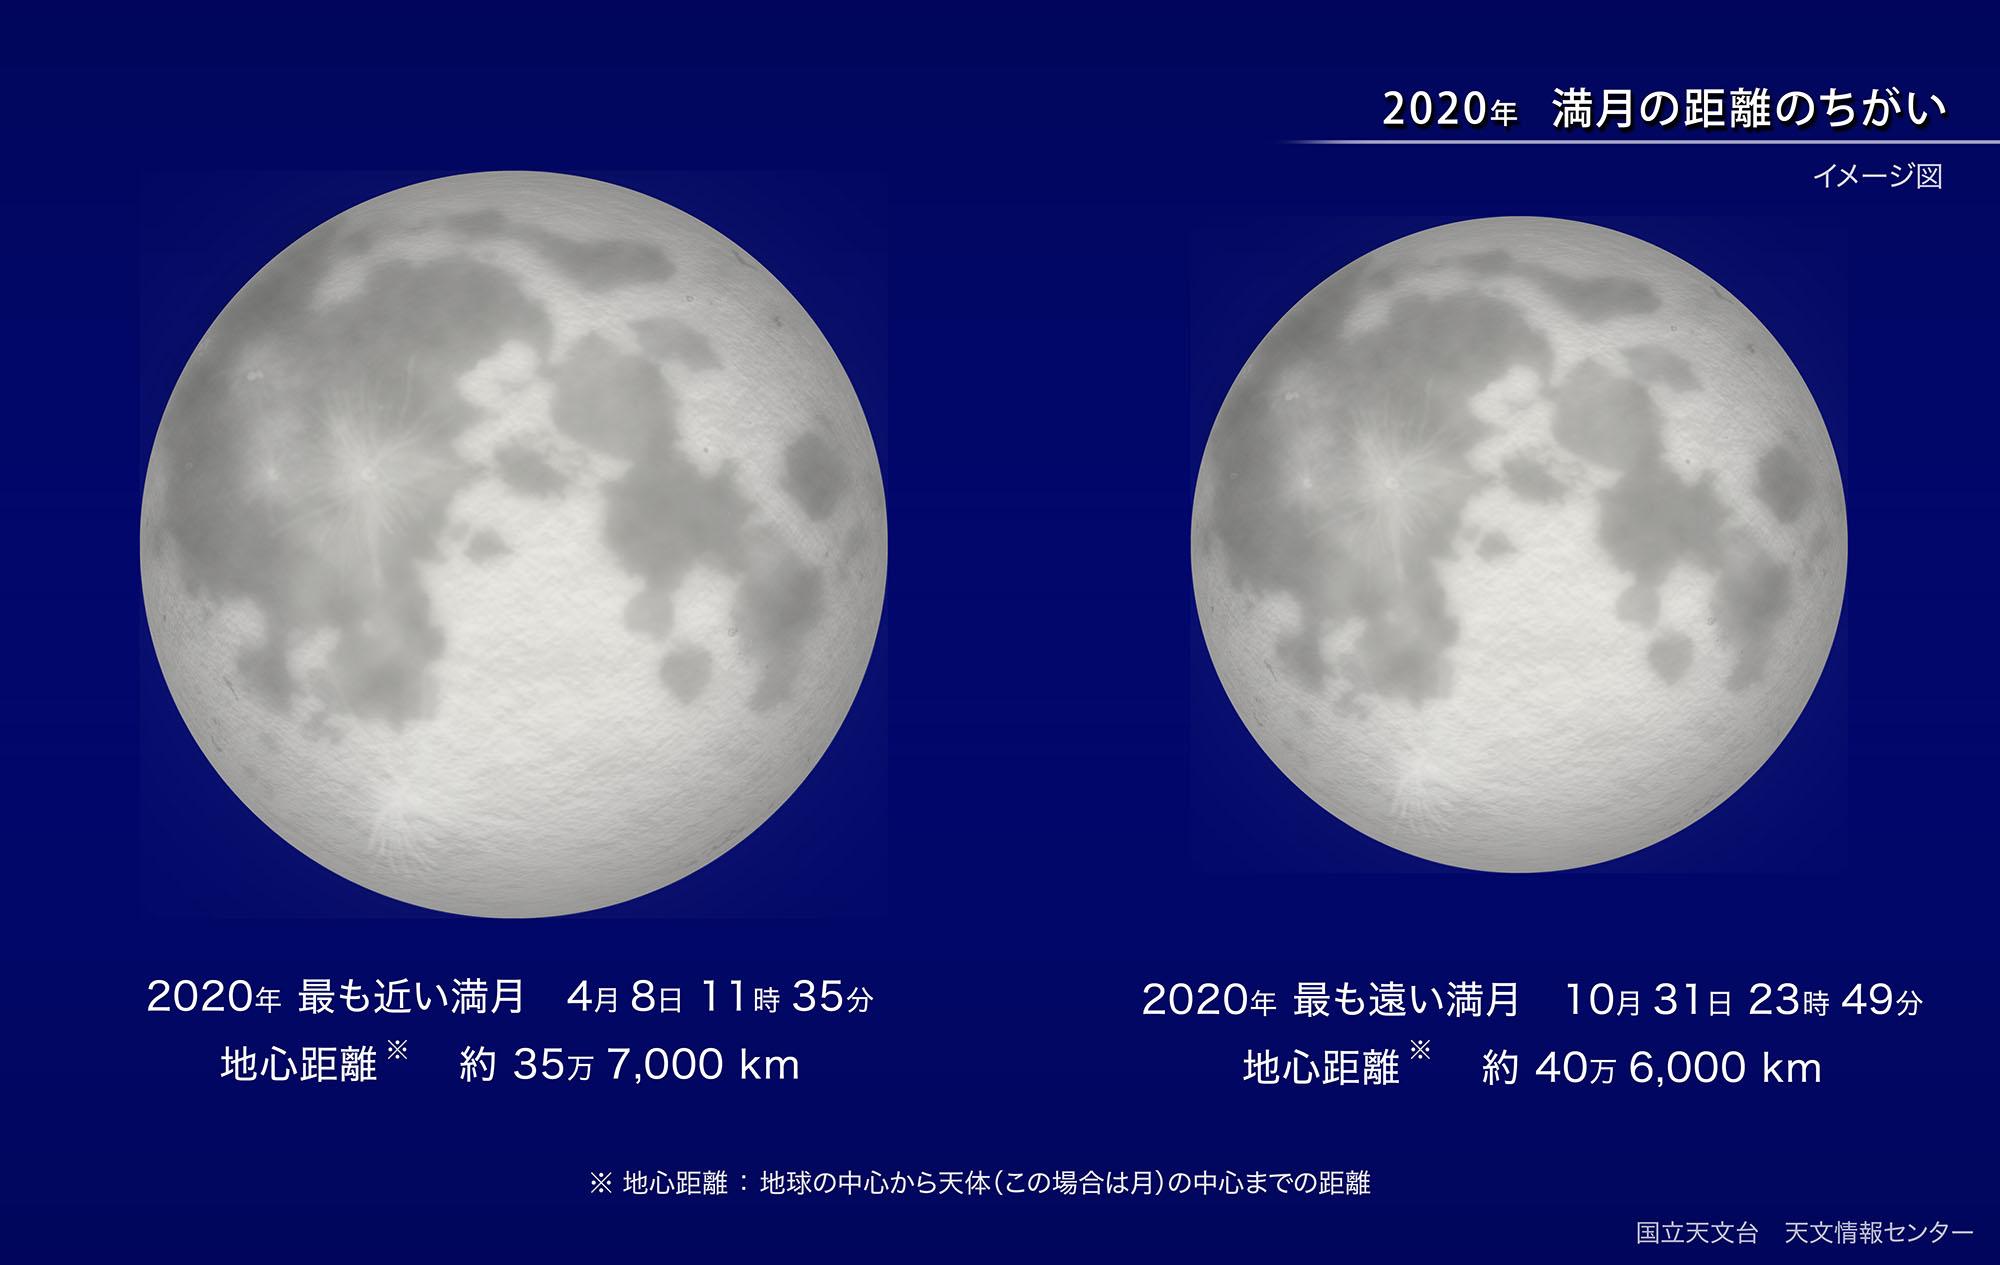 地球に最も近い満月(2020年4月) | 国立天文台(NAOJ)